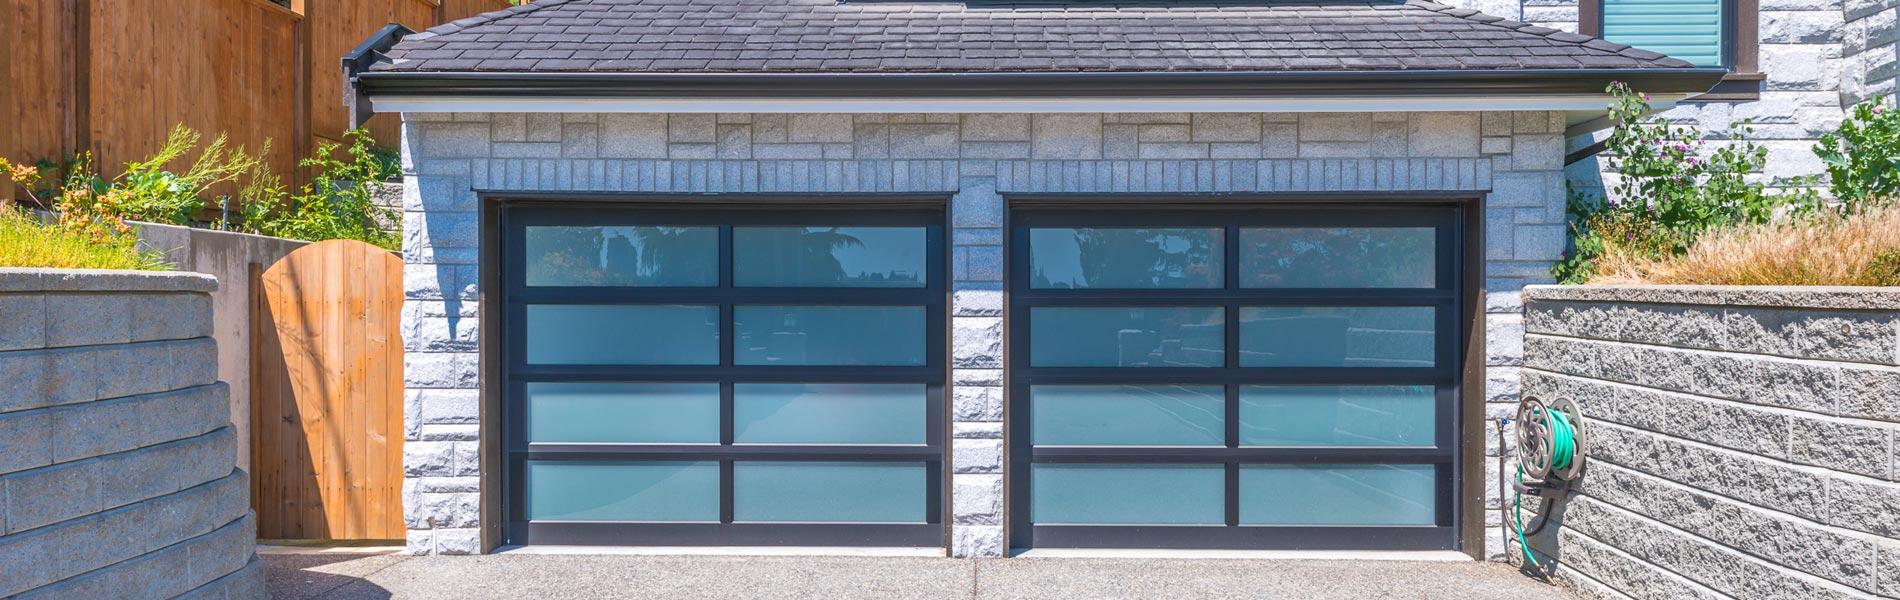 Sos Garage Door Clopay Garage Door Service Frisco Tx 469 289 5732